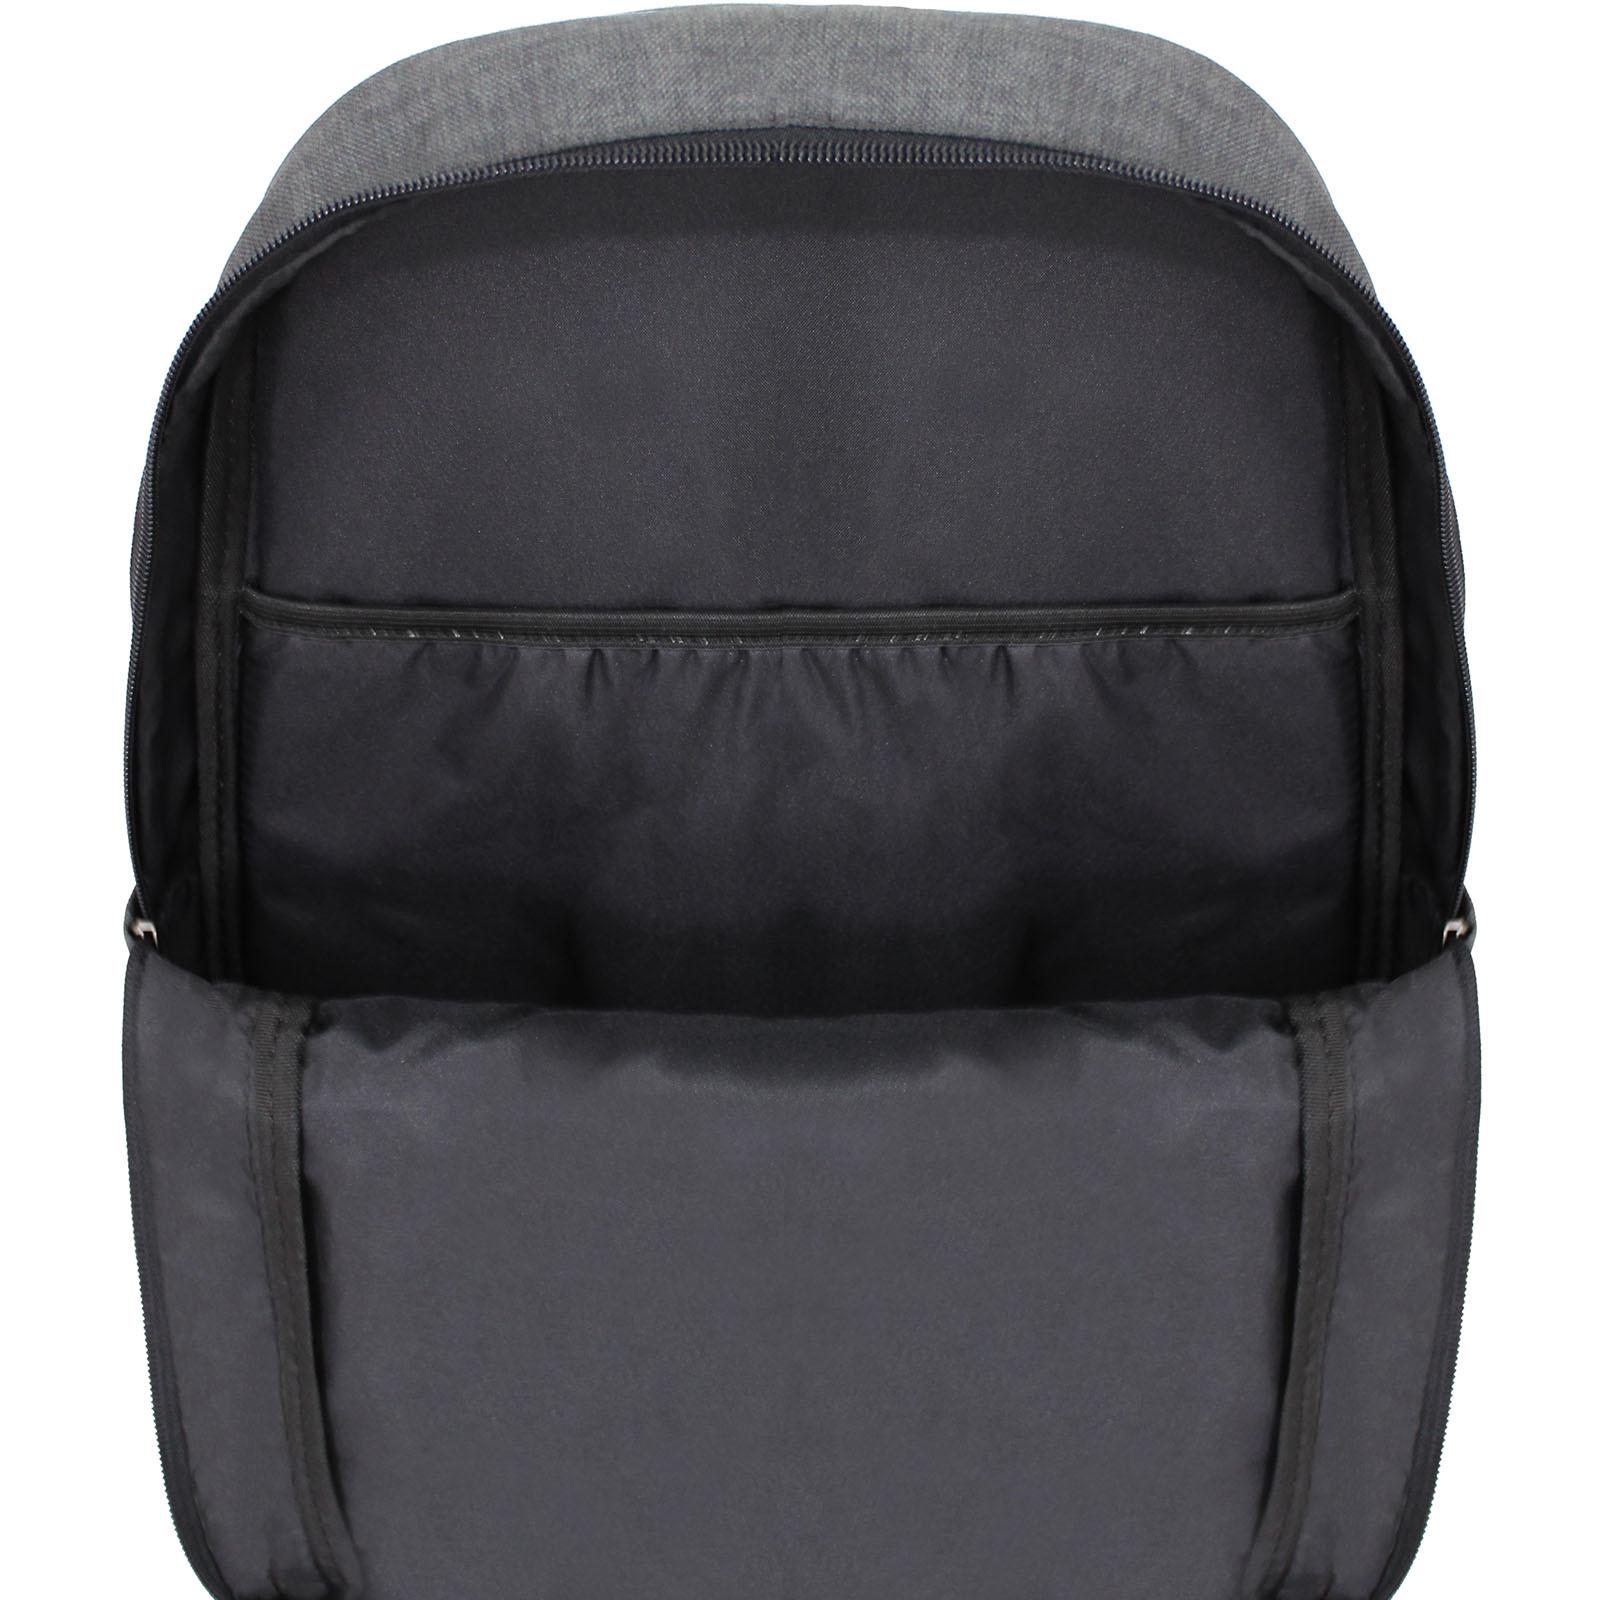 Рюкзак Bagland Milano 14 л. Чёрный/серый (0011569)